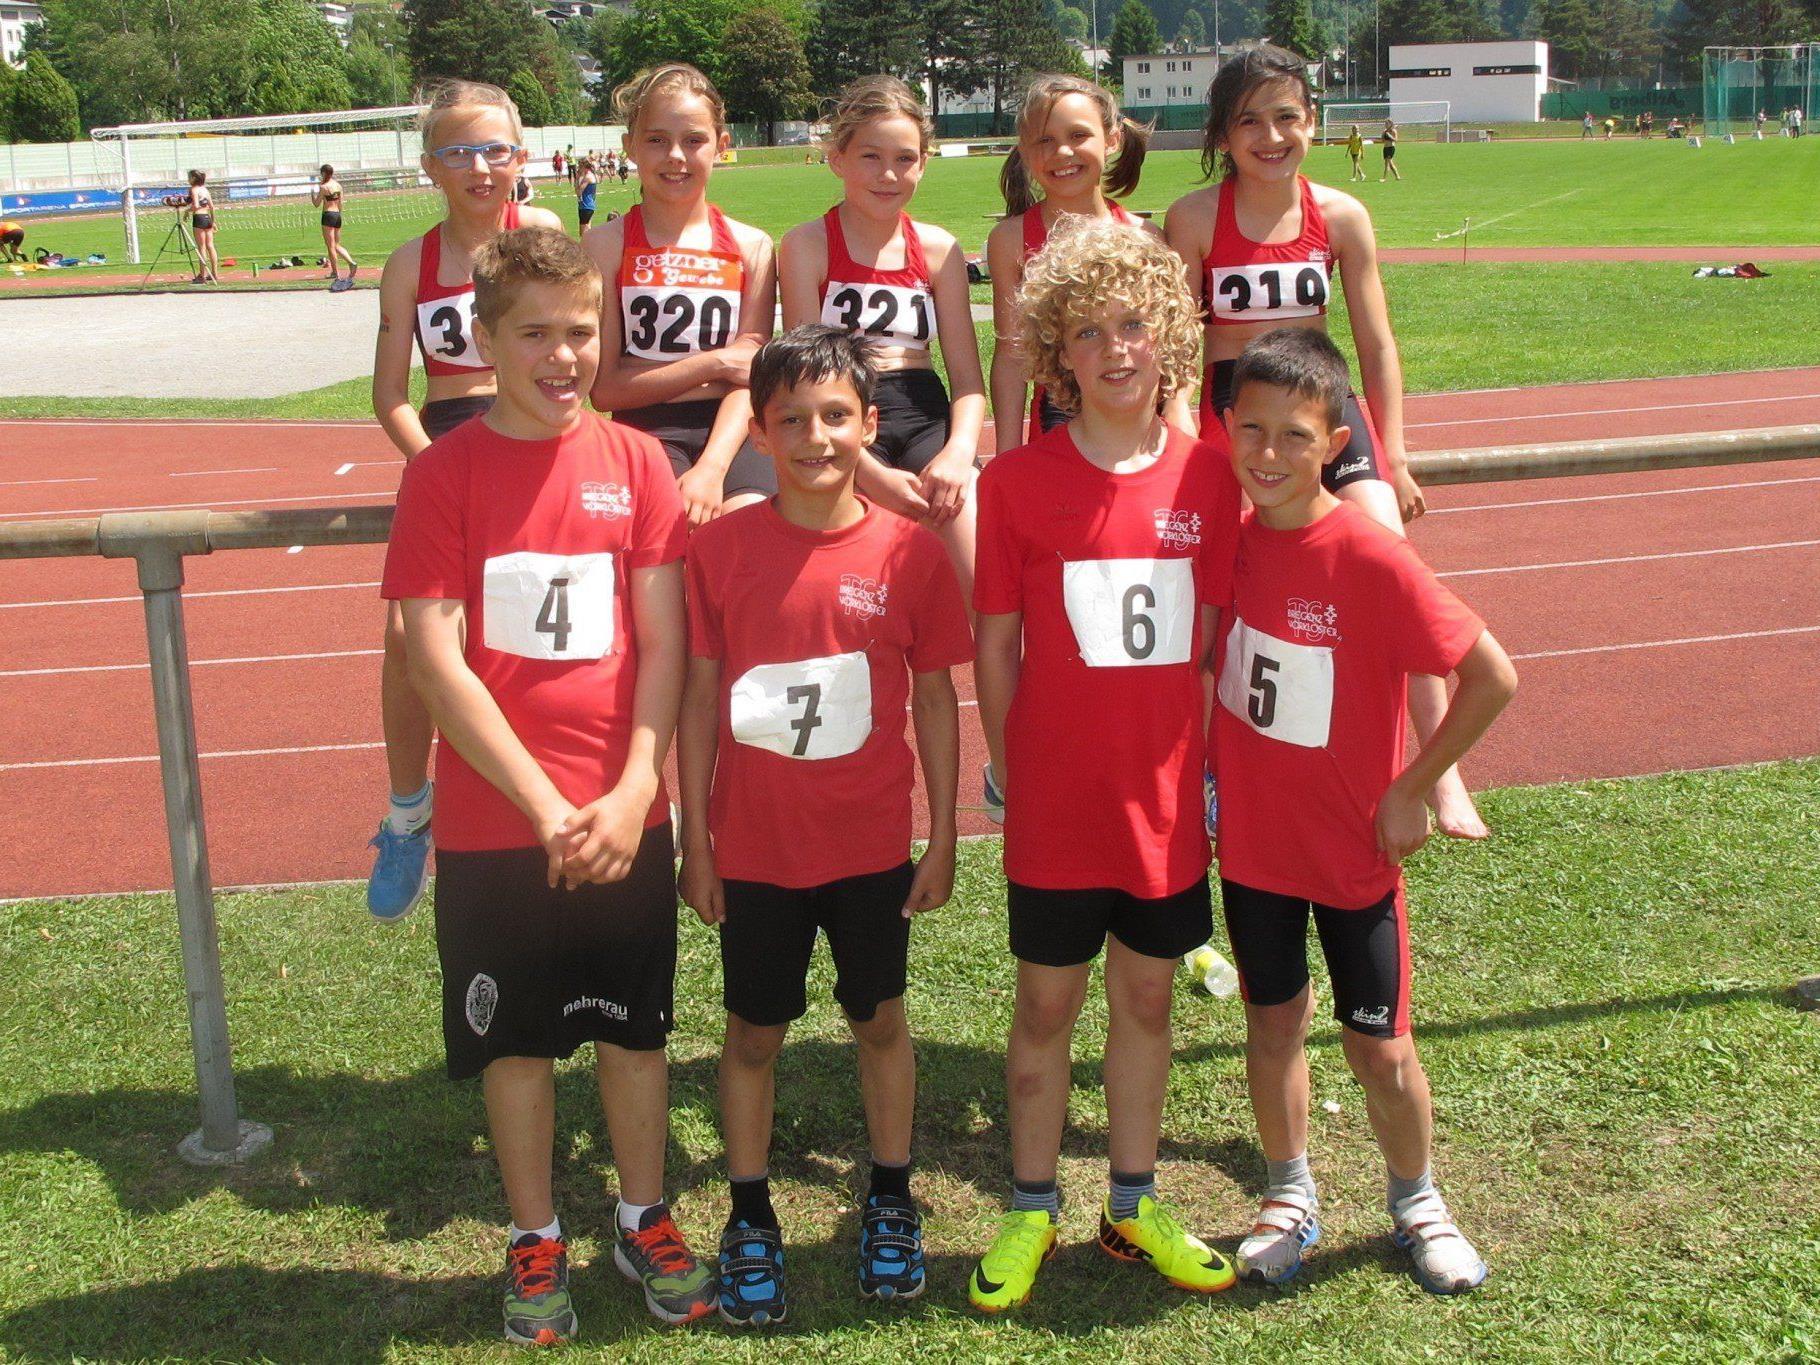 Die Leichtathleten bei der U-12-Meisterschaft in Bludenz.